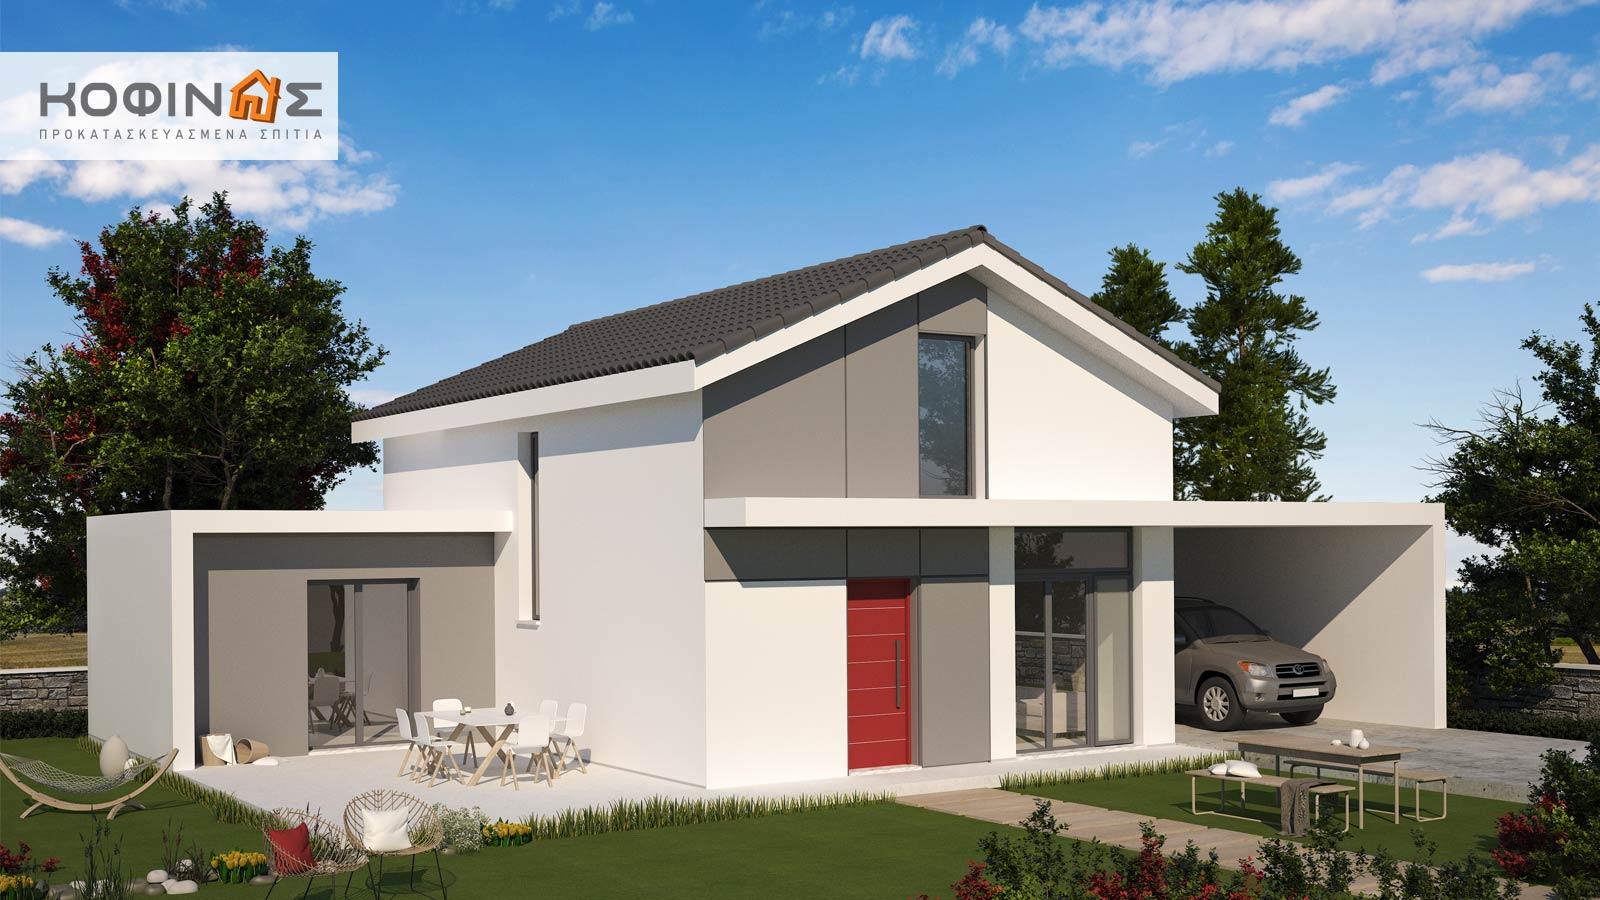 Ισόγεια Κατοικία KIS2-130 (130,27 τ.μ. κατοικία + 23,59 τ.μ. γκαράζ) – Τιμή: 140.300€